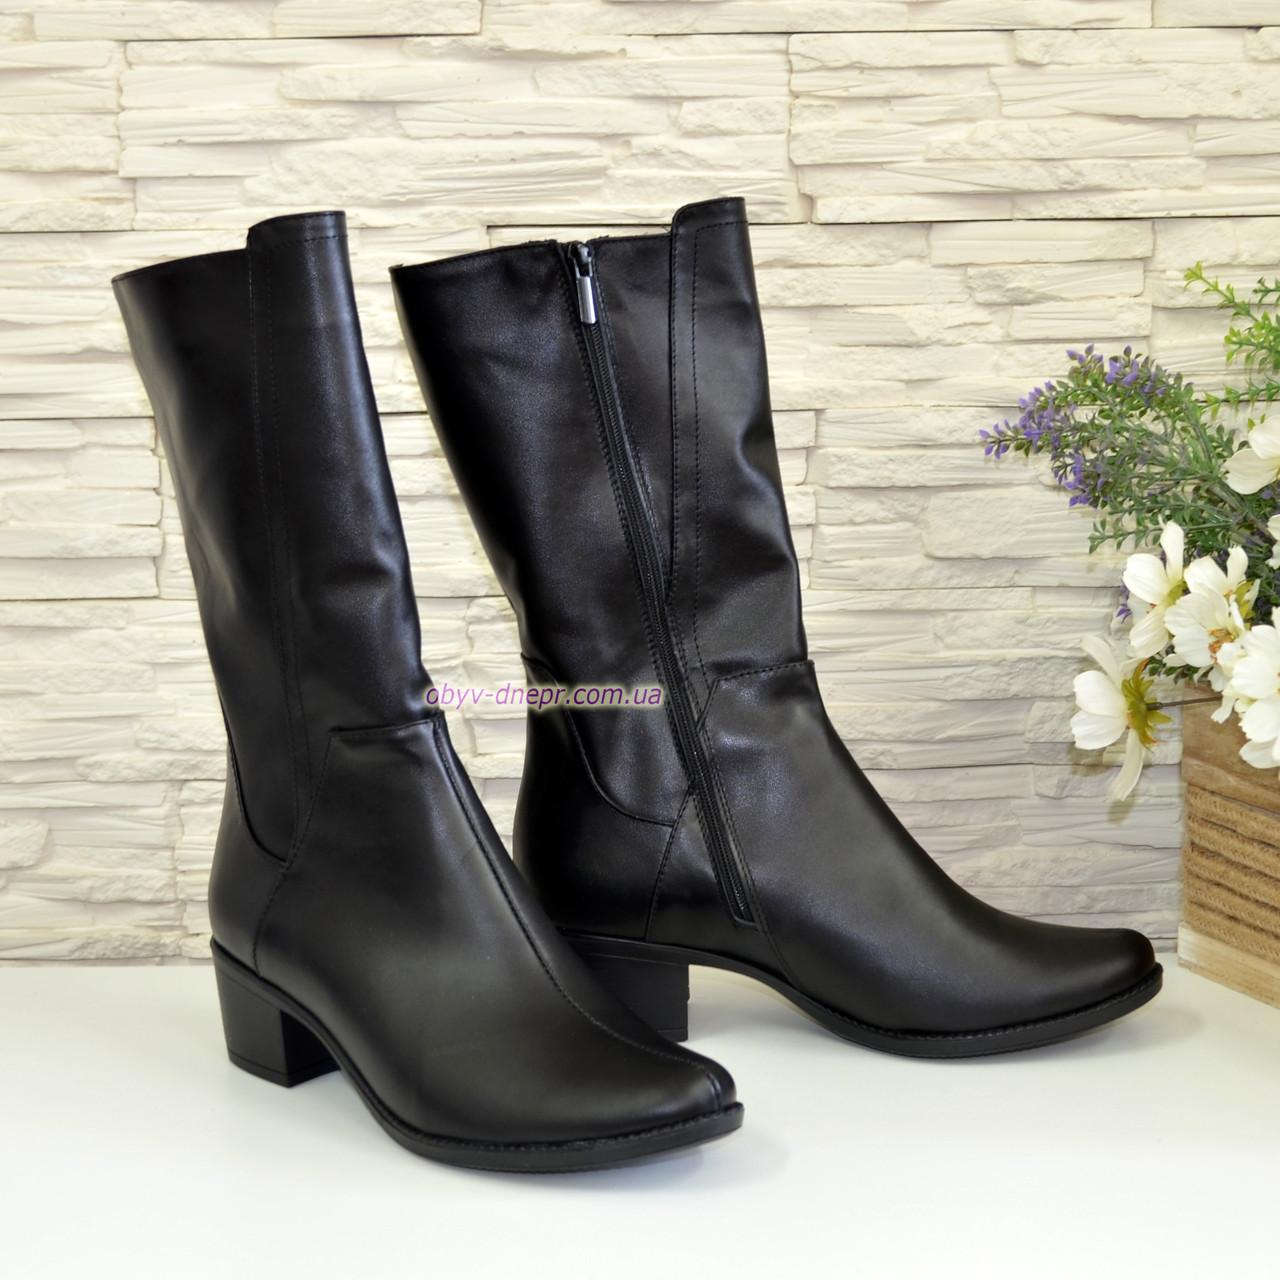 Женские кожаные демисезонные ботинки на невысоком каблуке